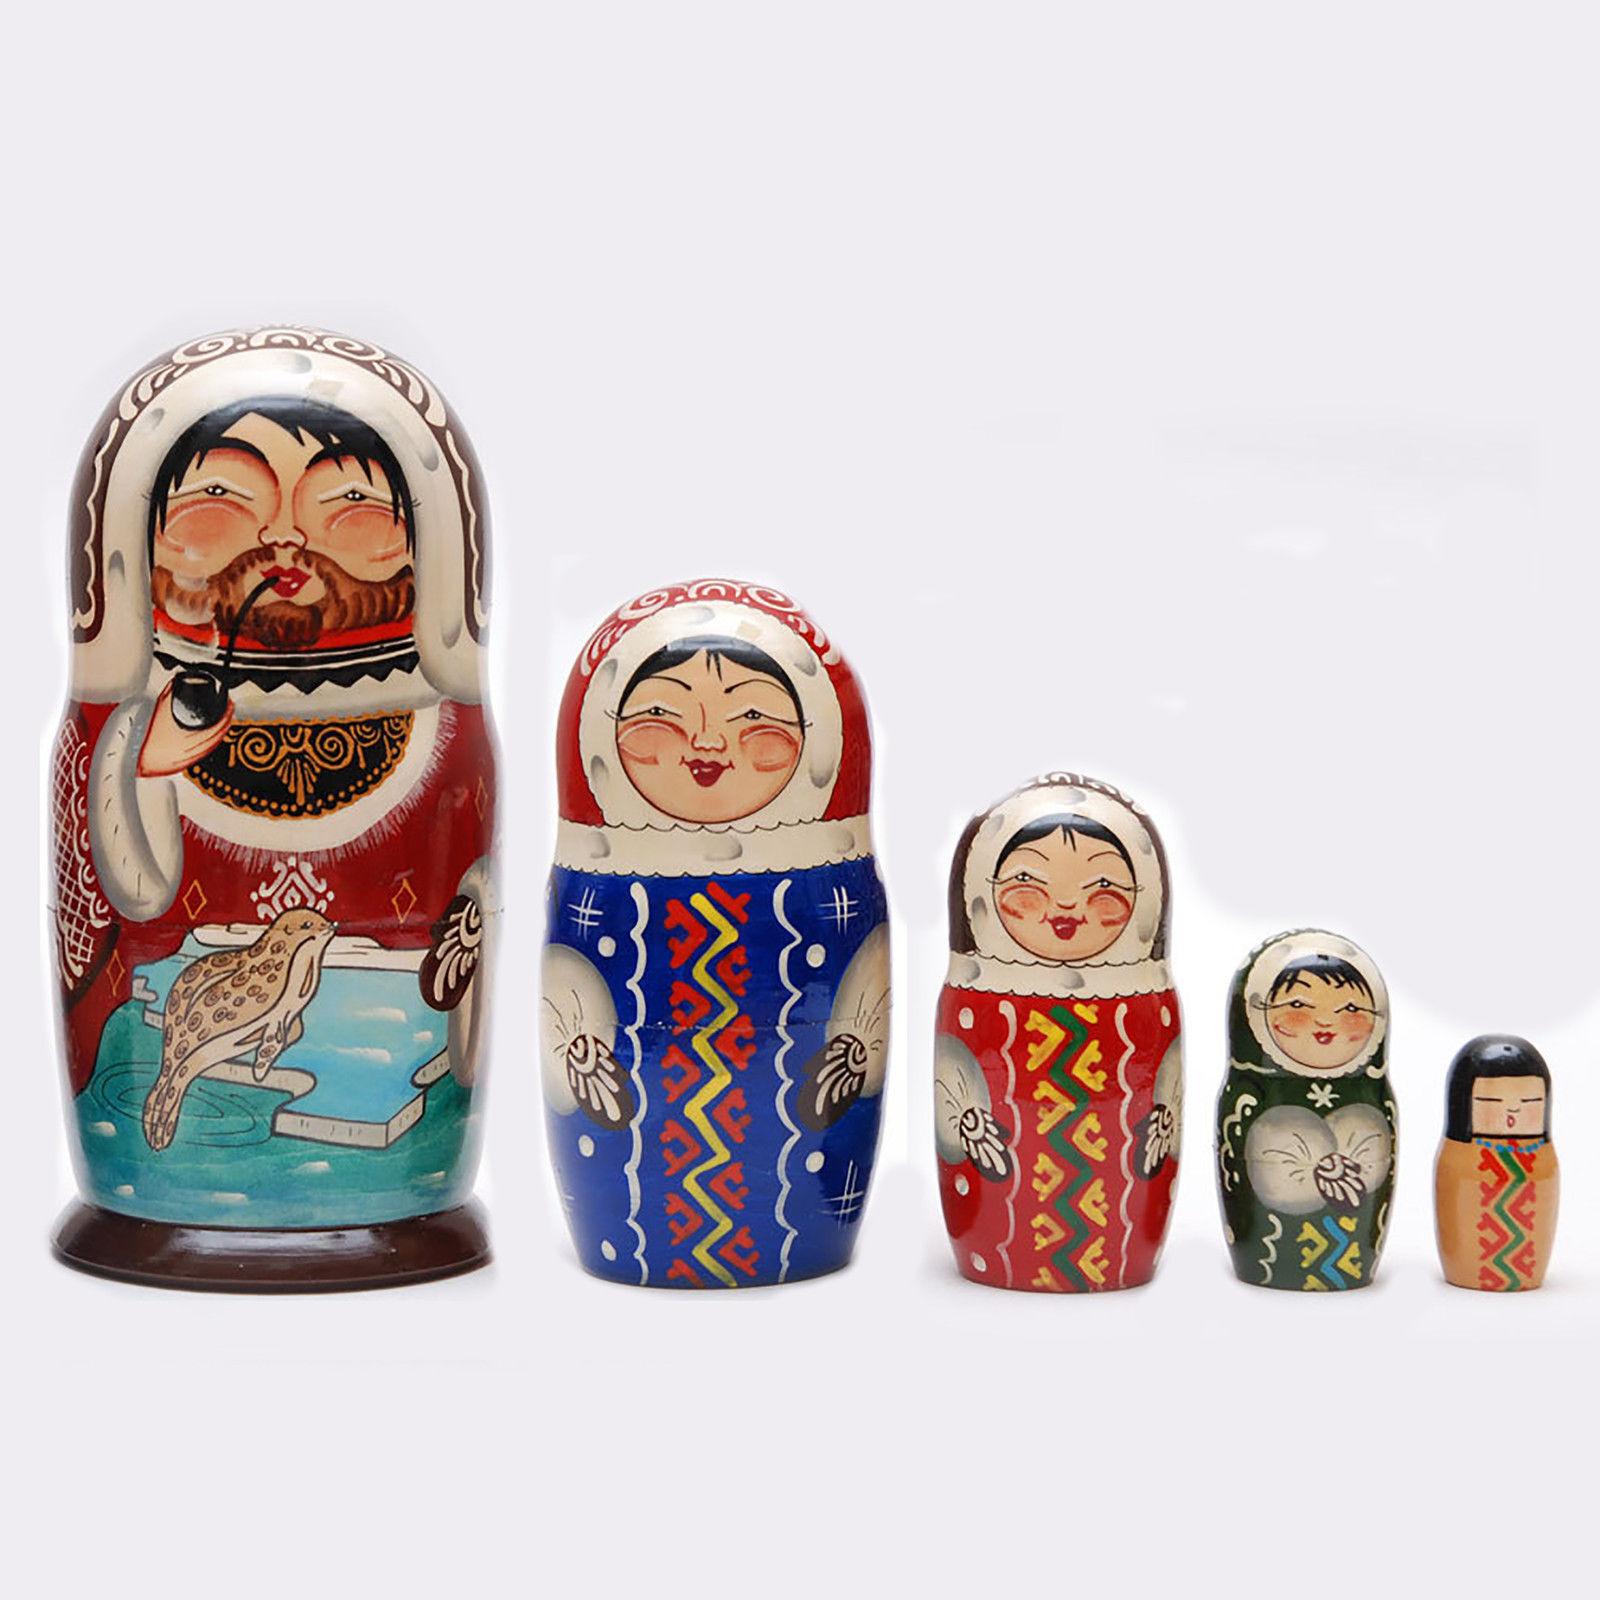 Poupées Russes du Nord personnes Eskimos Matryoshka  peinte à la main signé 7  18cm  100% garantie de prix